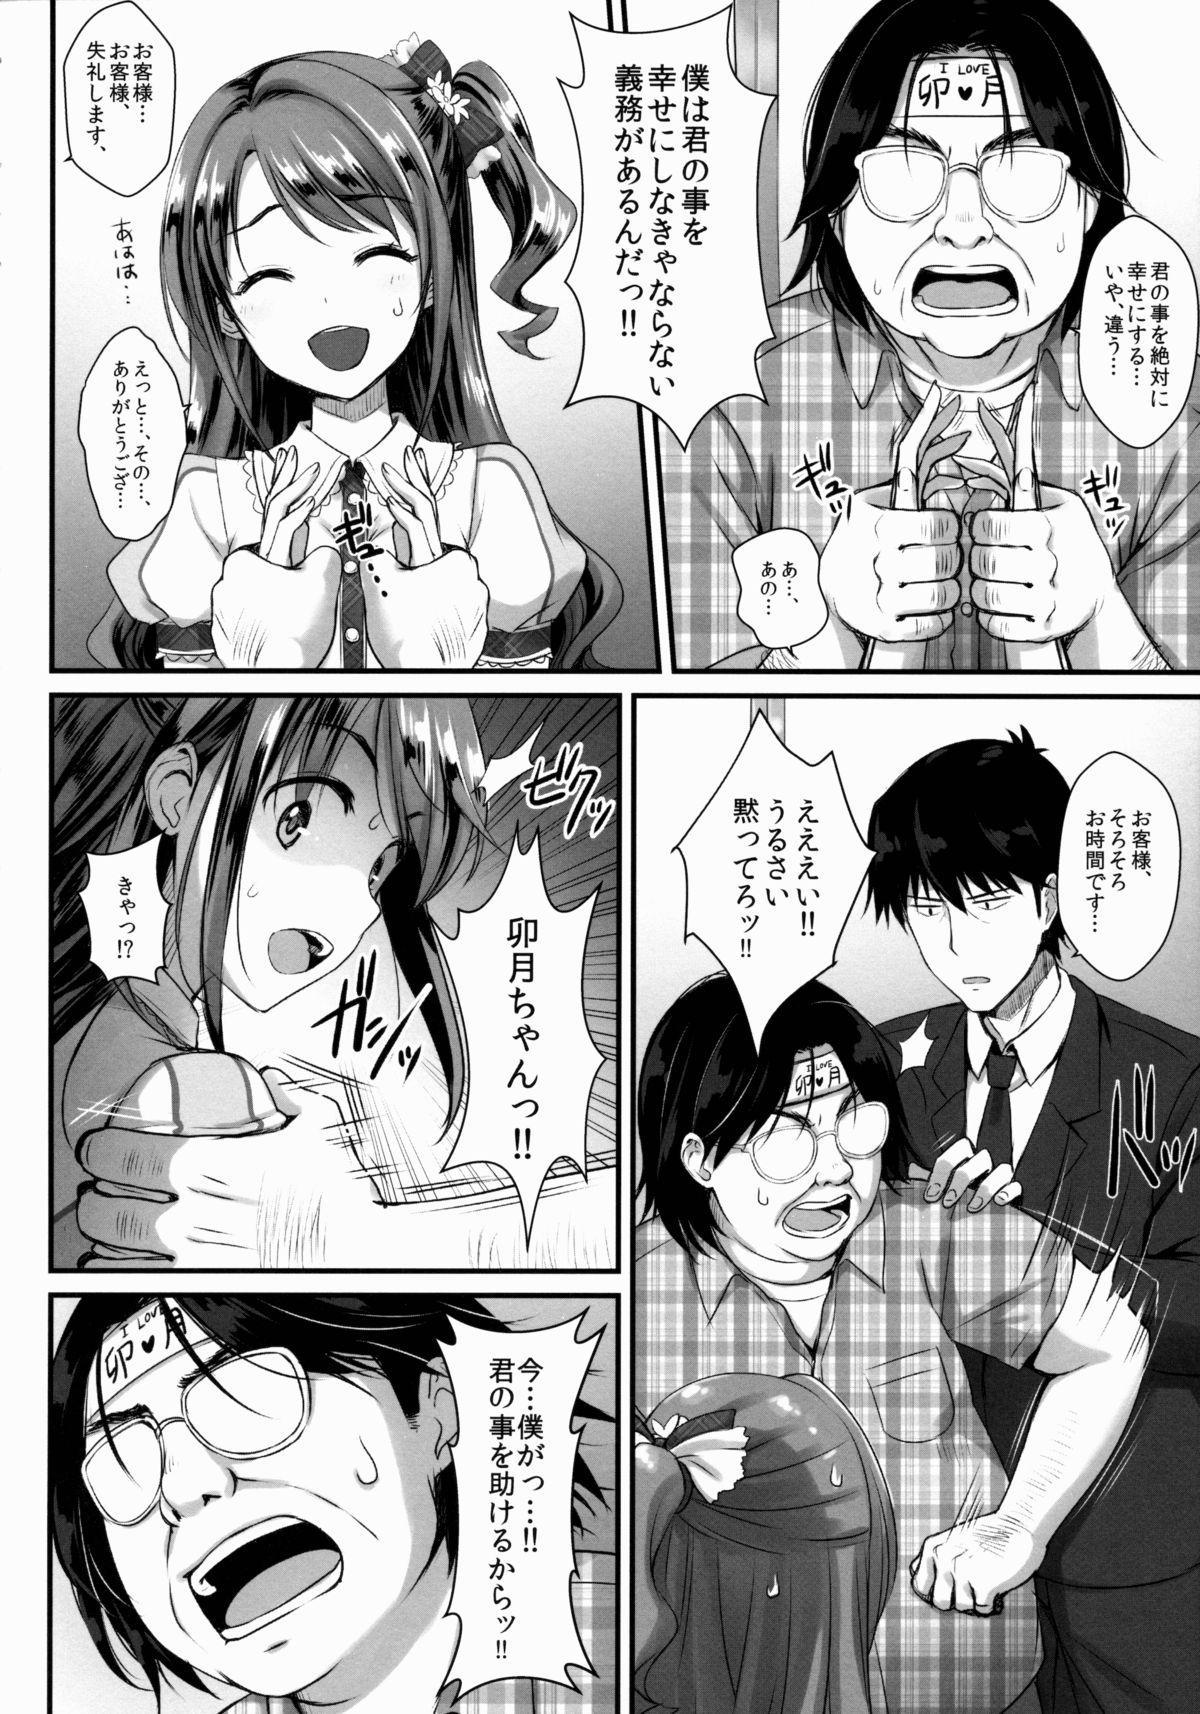 Uzuki-chan no Suimin Kaihatsu 2